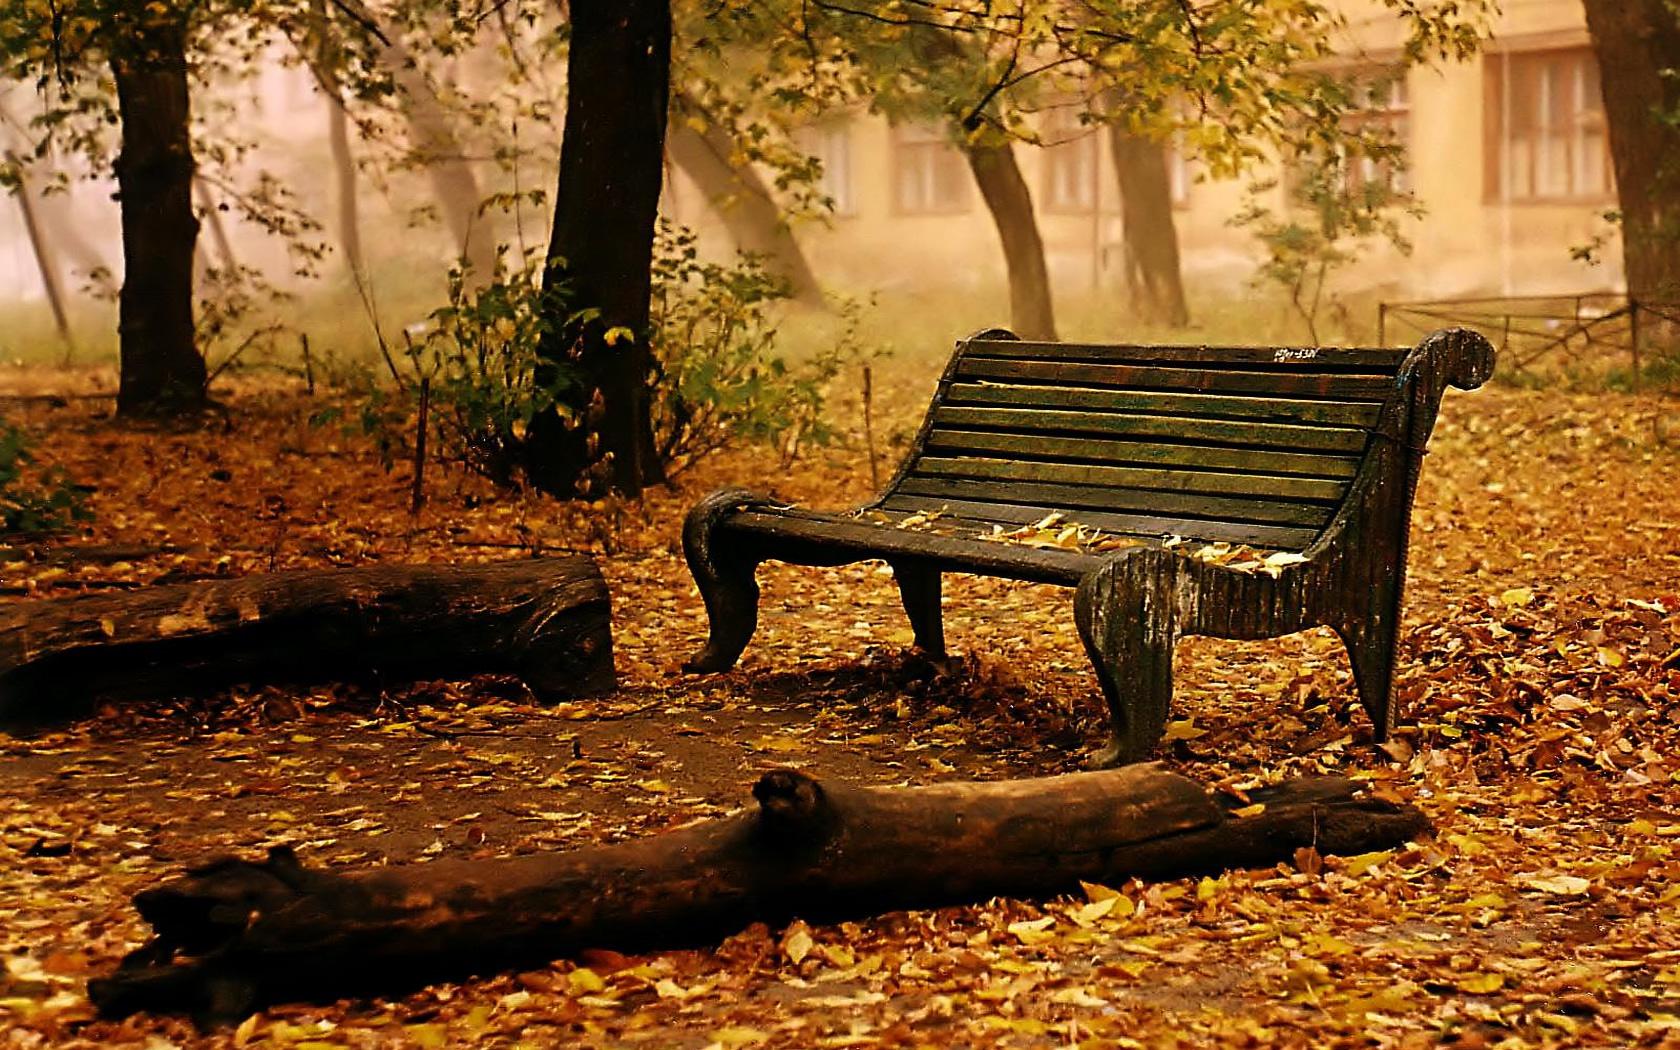 Hình nền mùa thu Autumnleavesbackground1